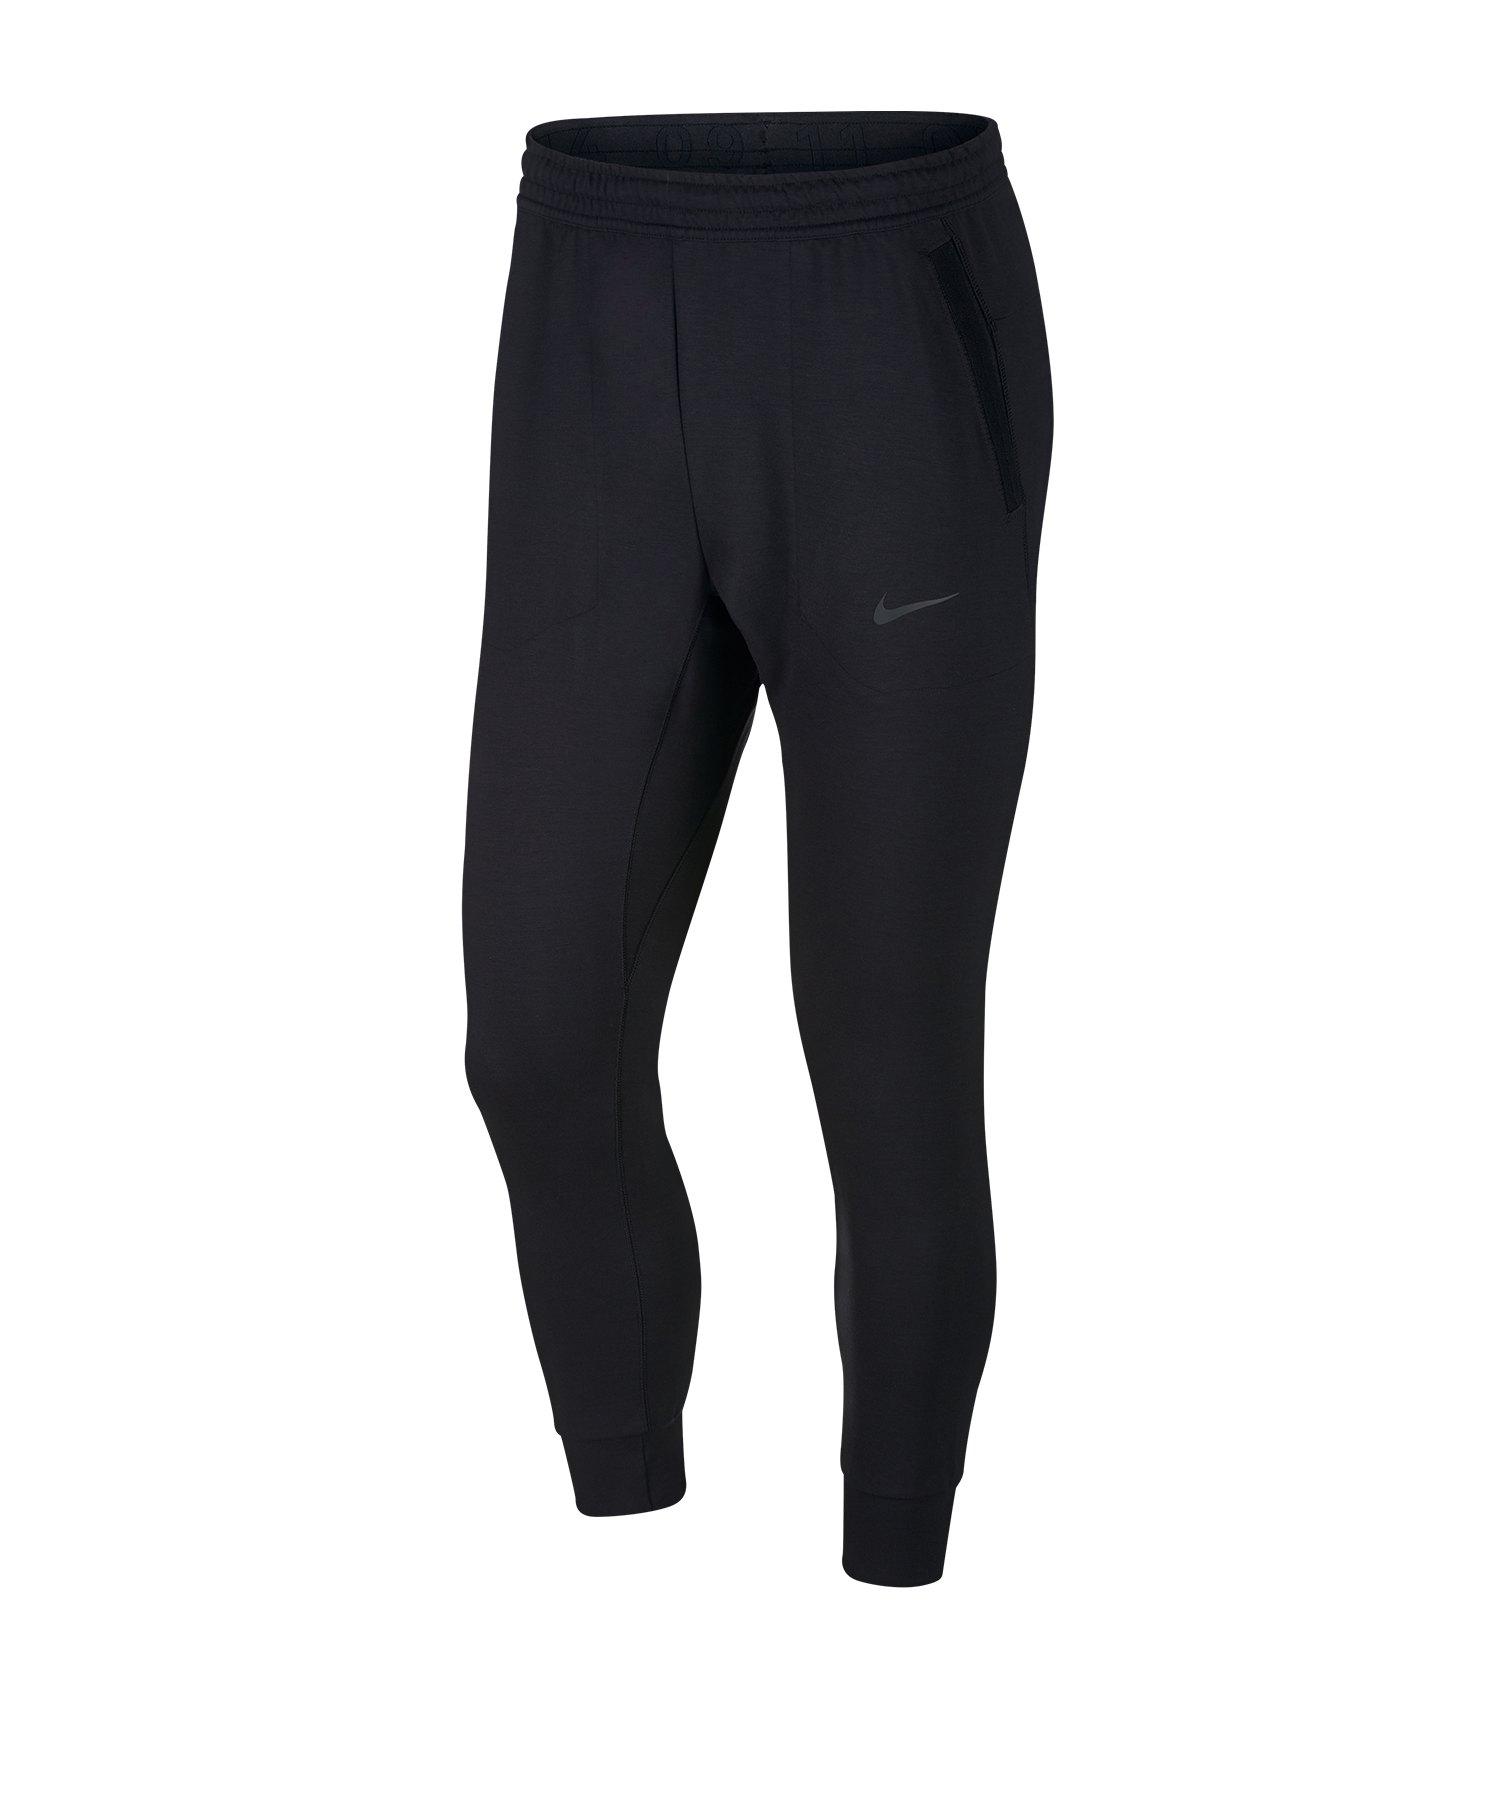 Nike Tech Knit Pant Jogginghose Schwarz F010 - schwarz